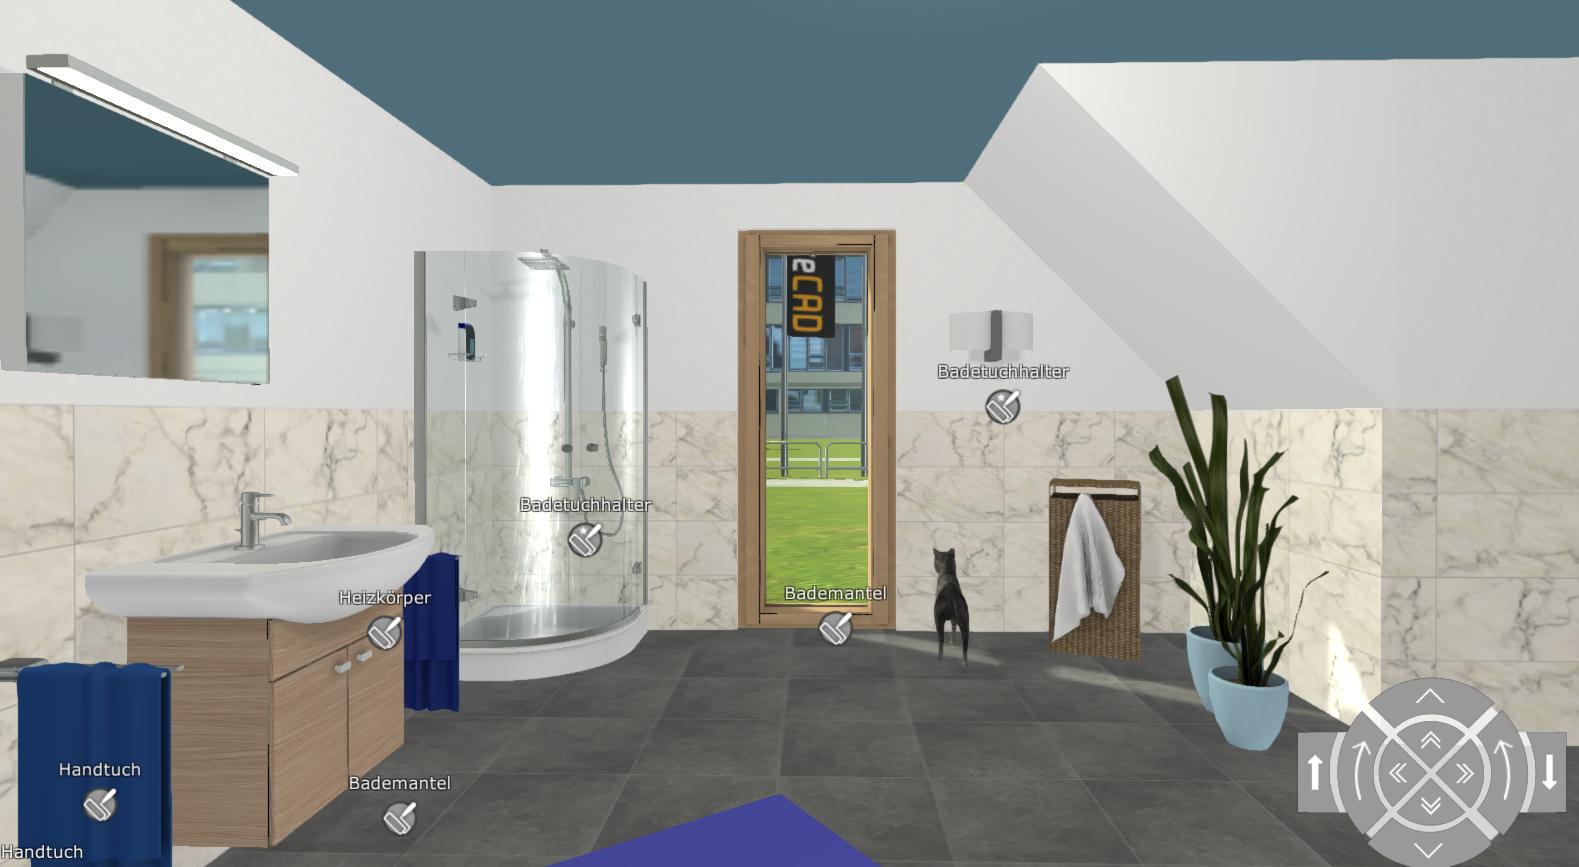 Individuelle Räume maßgetreu mit unserer kostenlosen App darstellen ...